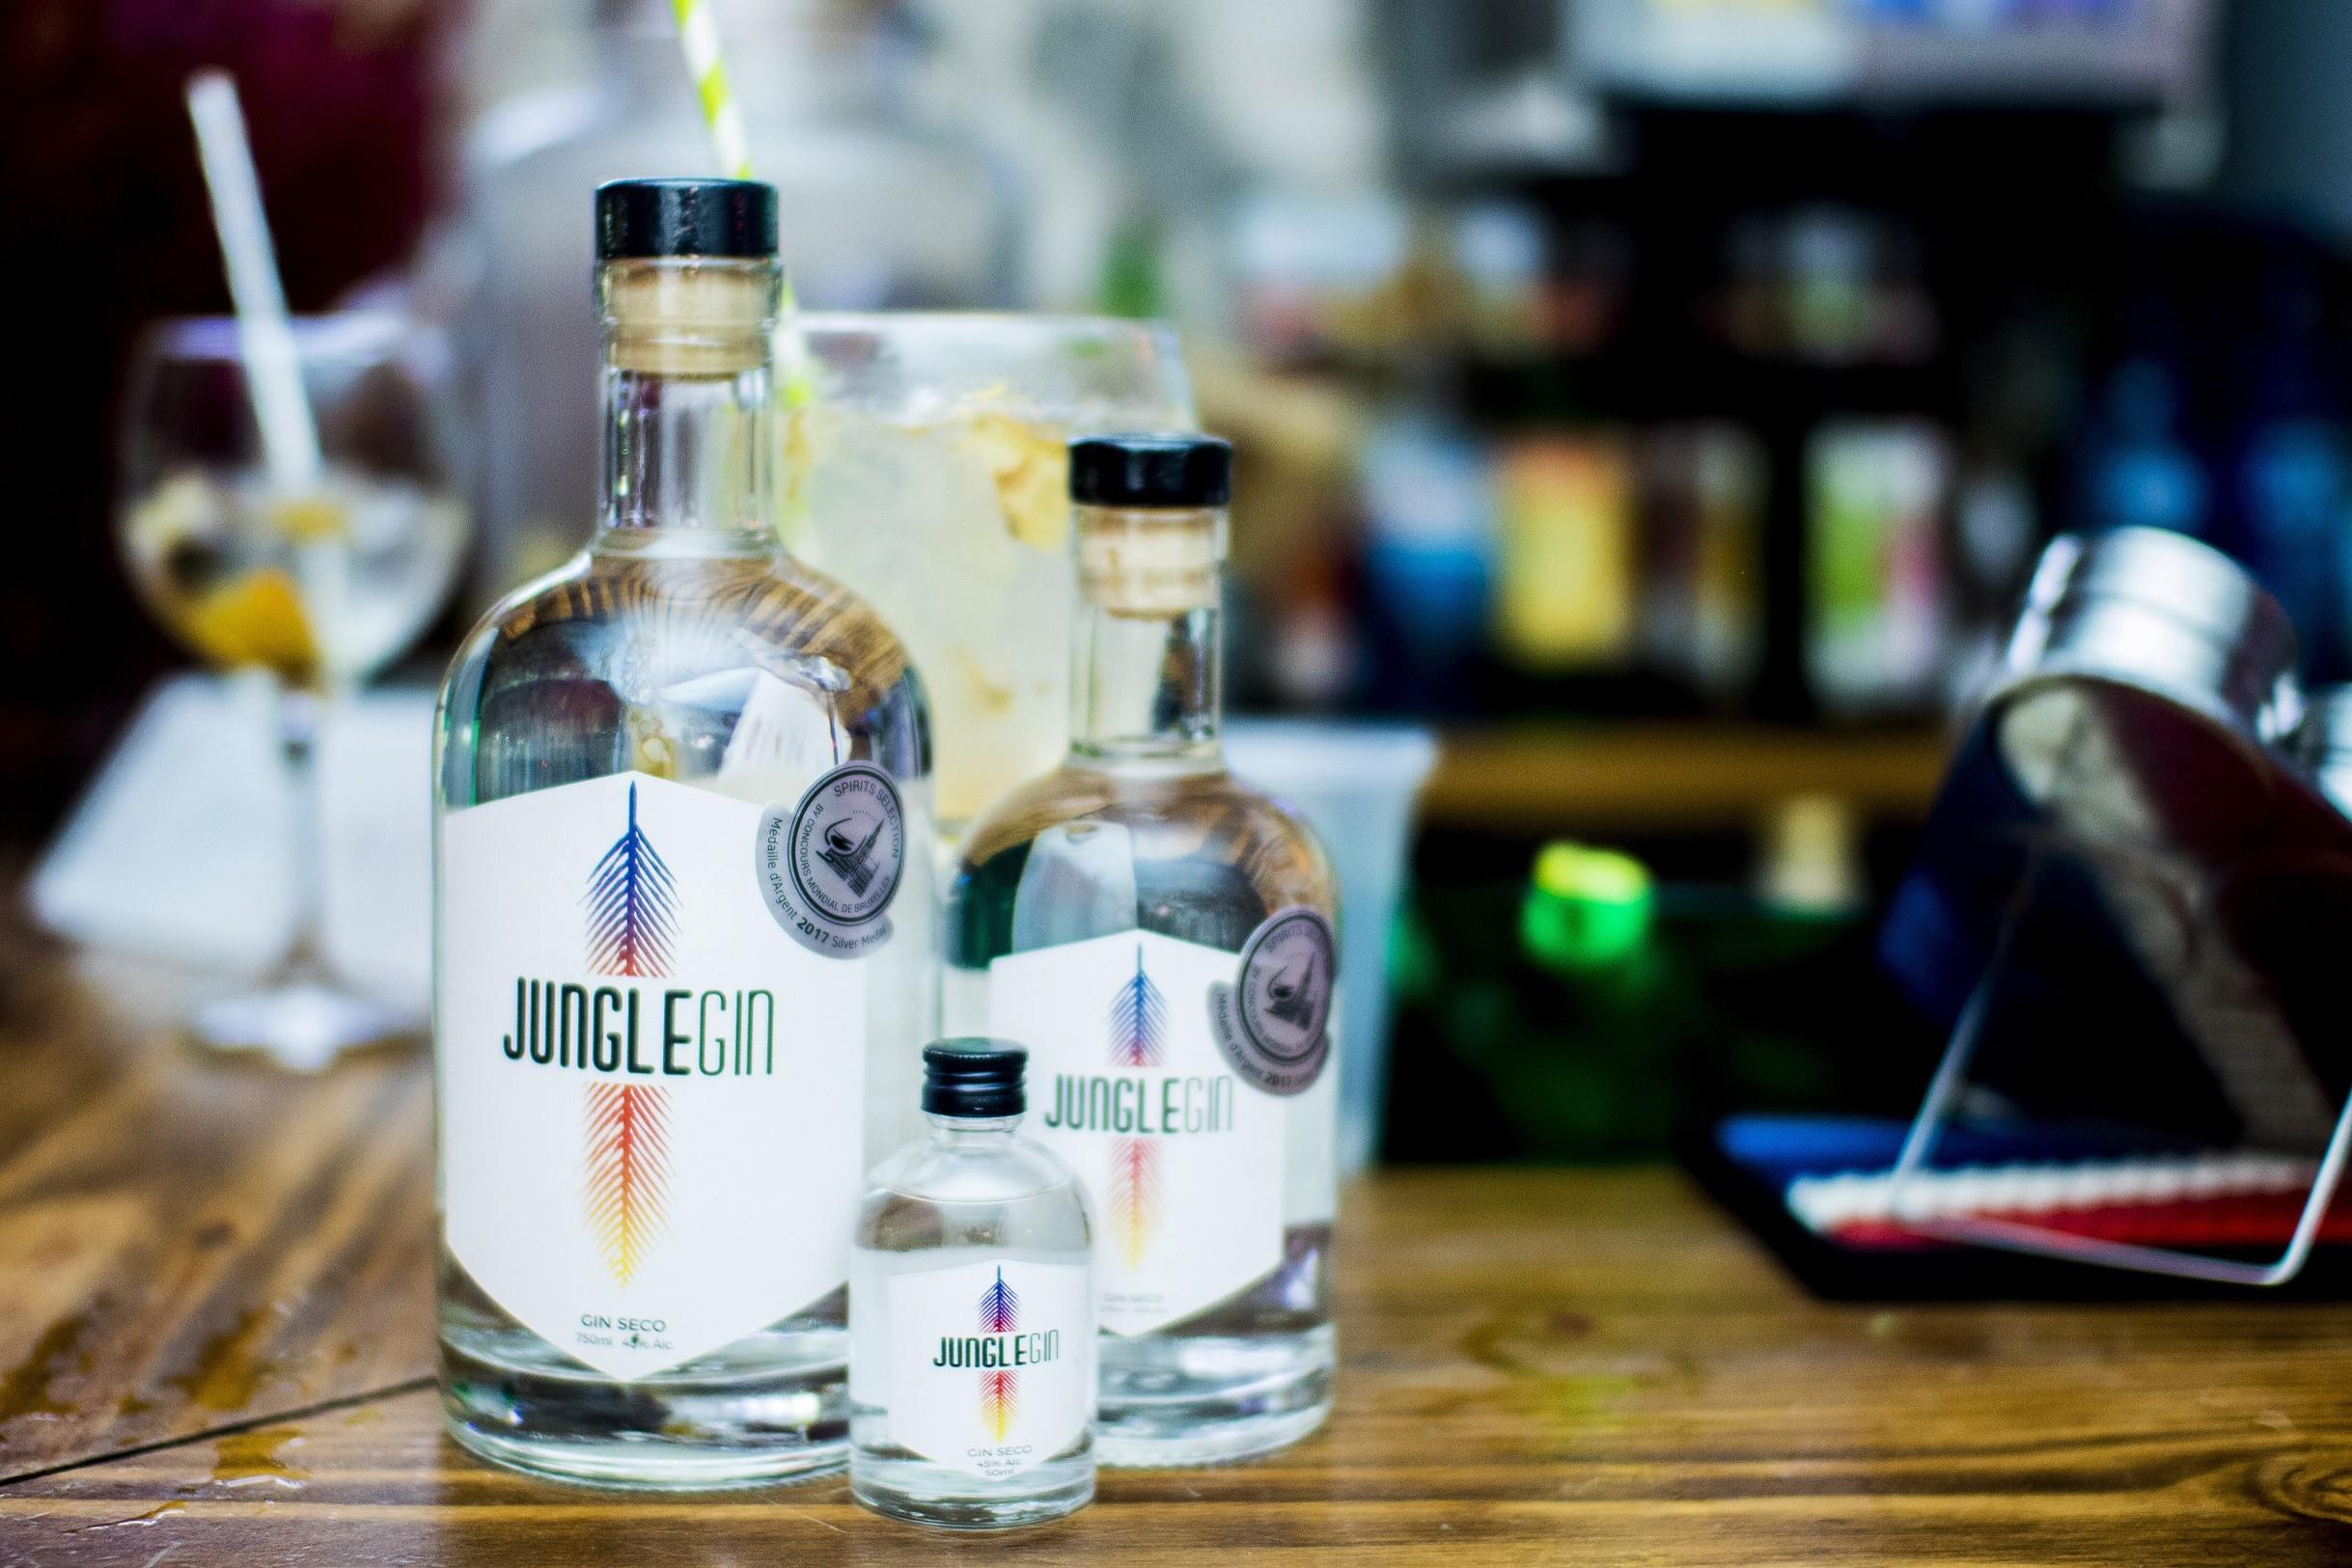 O mineiro Jungle Gin  (Foto: André Giorgi)